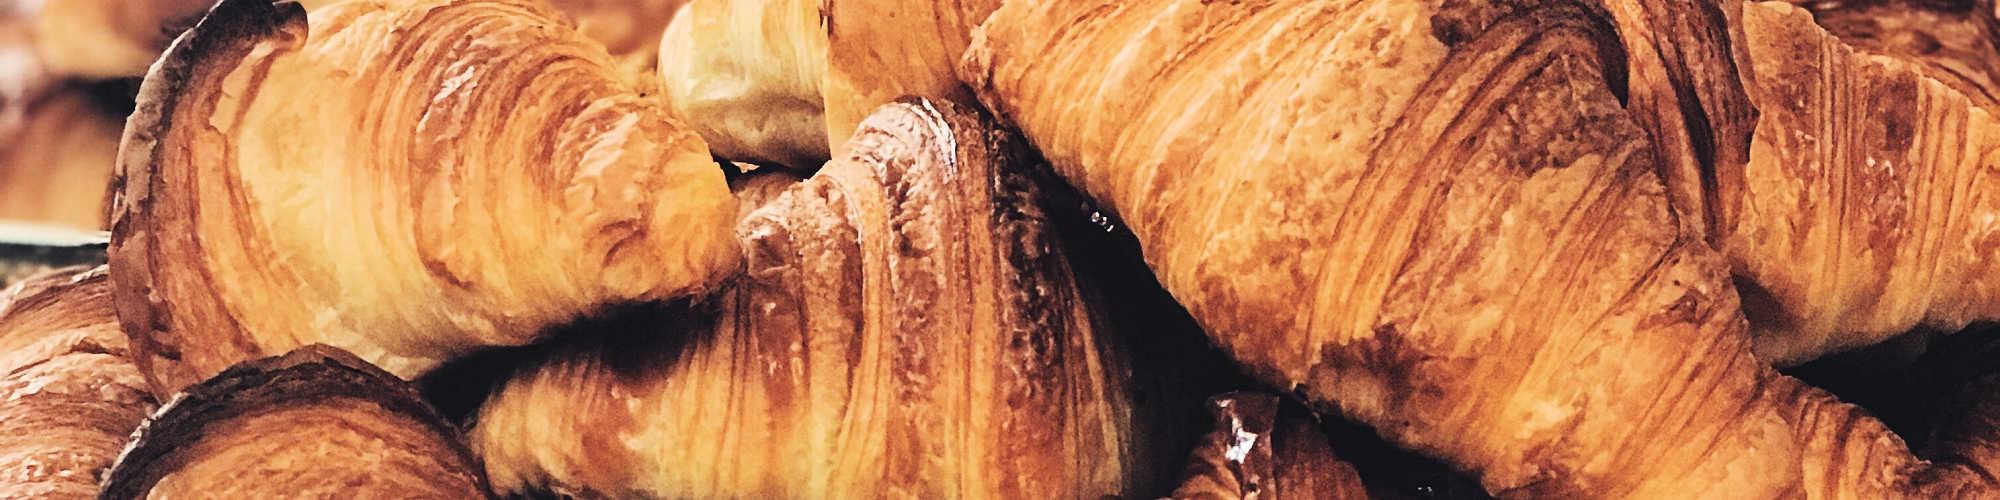 Frühstück mit Croissants